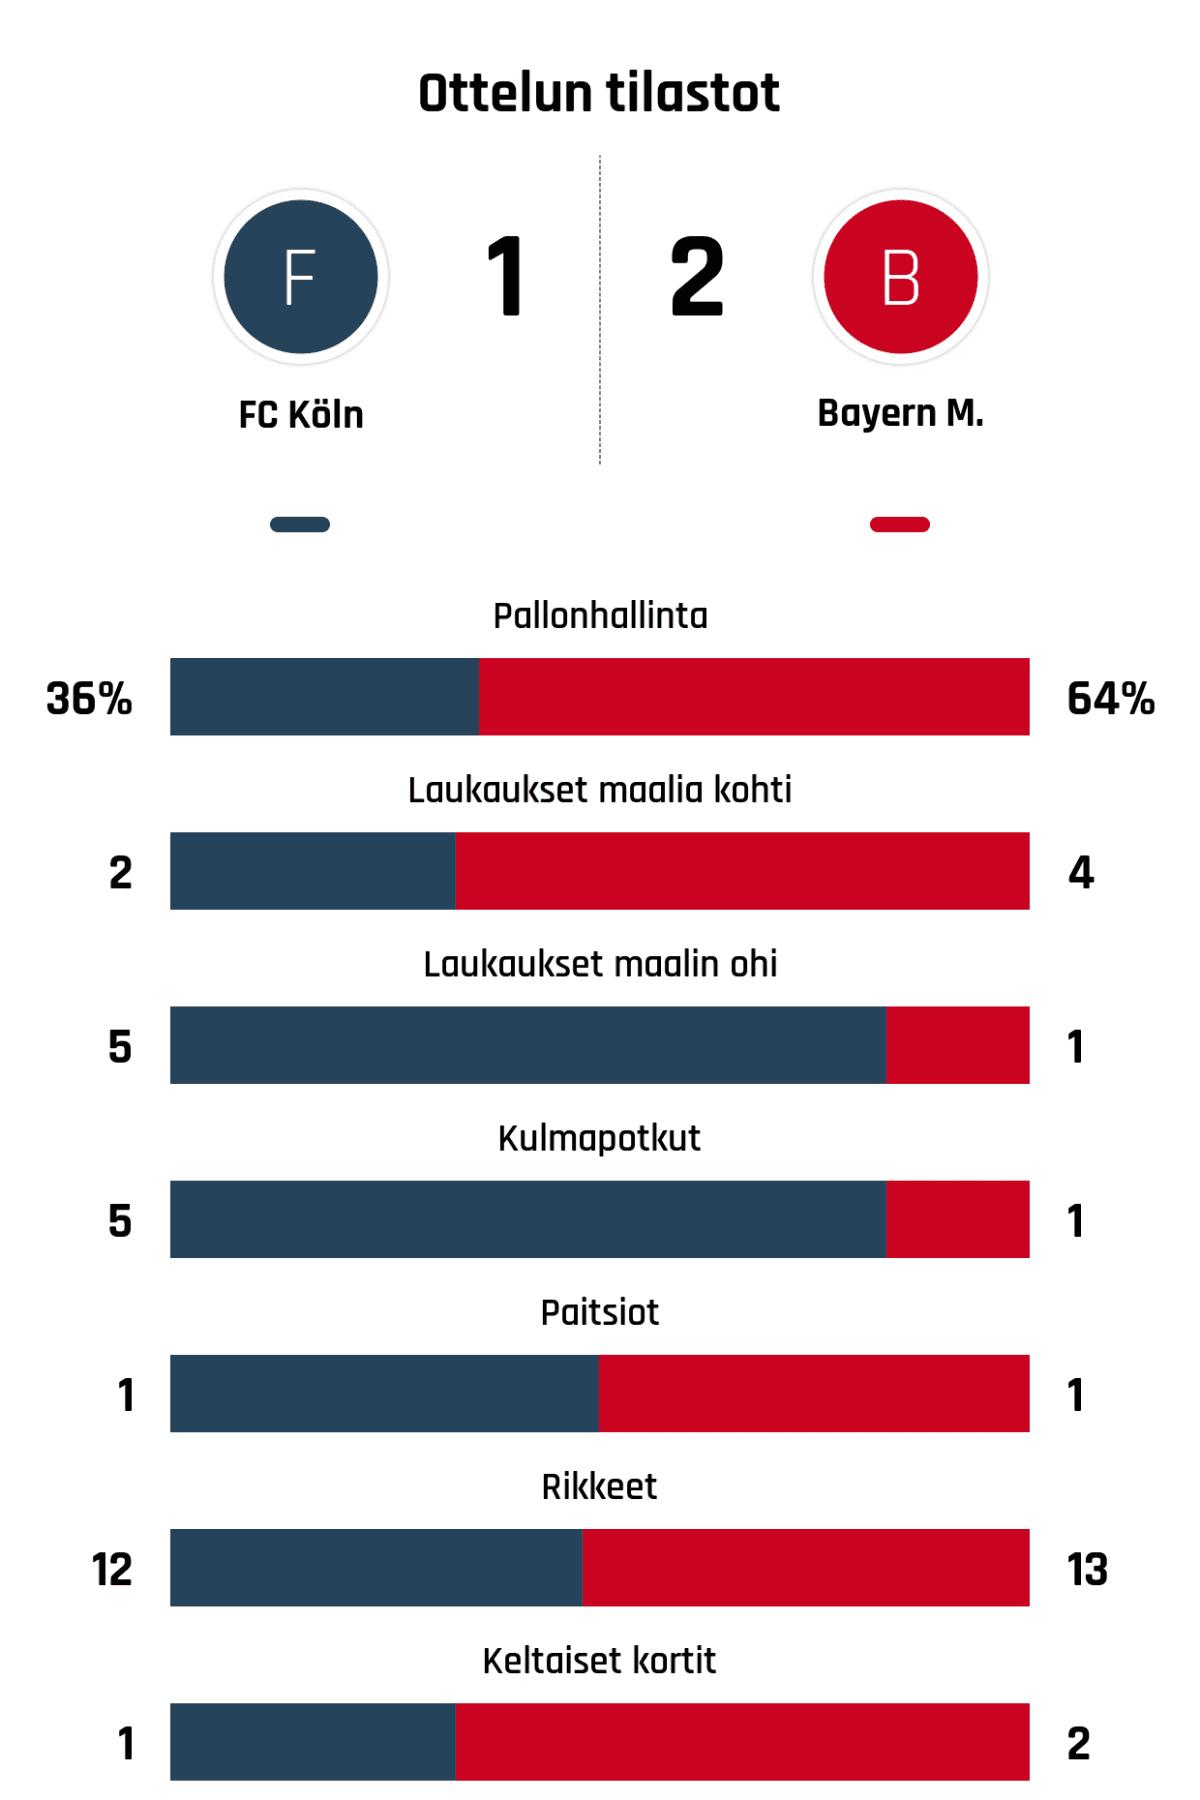 Pallonhallinta 36%-64% Laukaukset maalia kohti 2-4 Laukaukset maalin ohi 5-1 Kulmapotkut 5-1 Paitsiot 1-1 Rikkeet 12-13 Keltaiset kortit 1-2